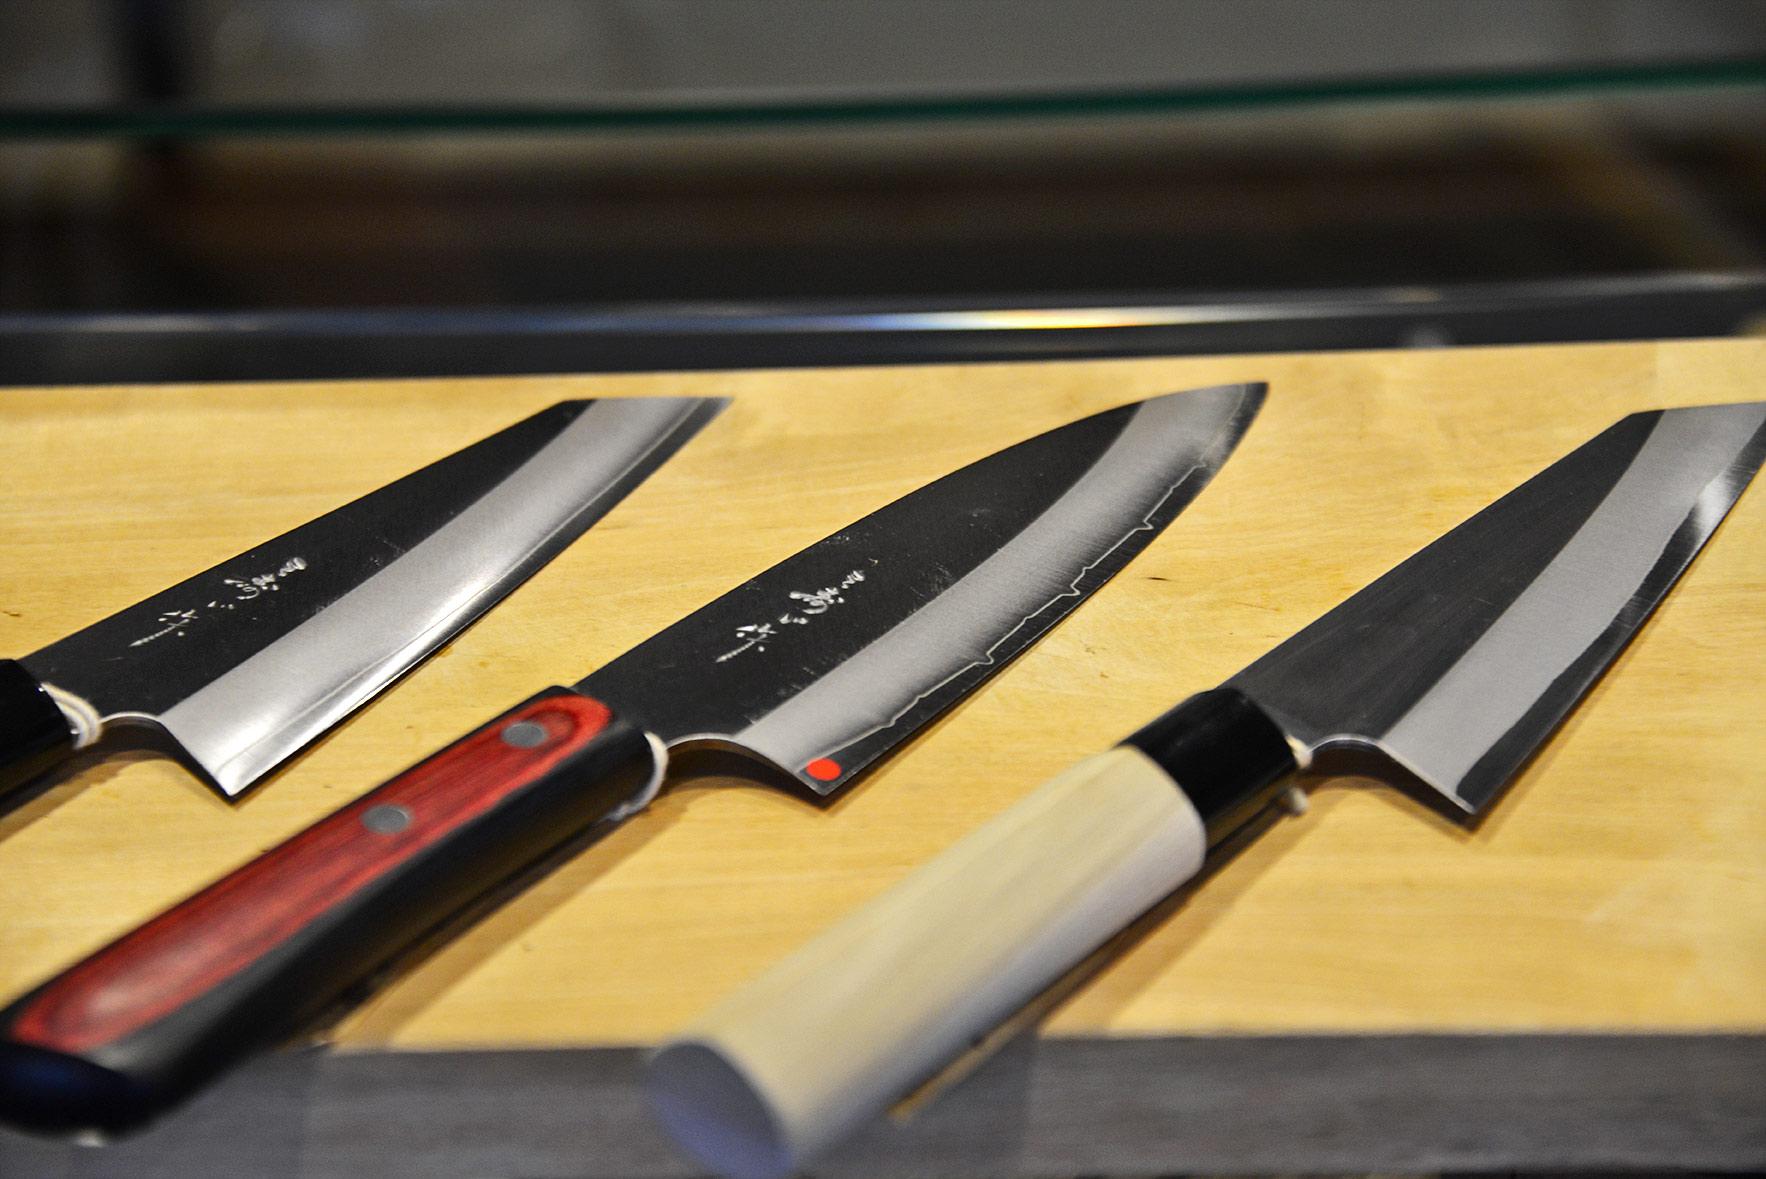 独創的なデザインで、刃物鋼の両側をステンレスで包み込んだ「よく切れて錆びない包丁」を日本で初めて製造した三寿ゞ刃物製作所